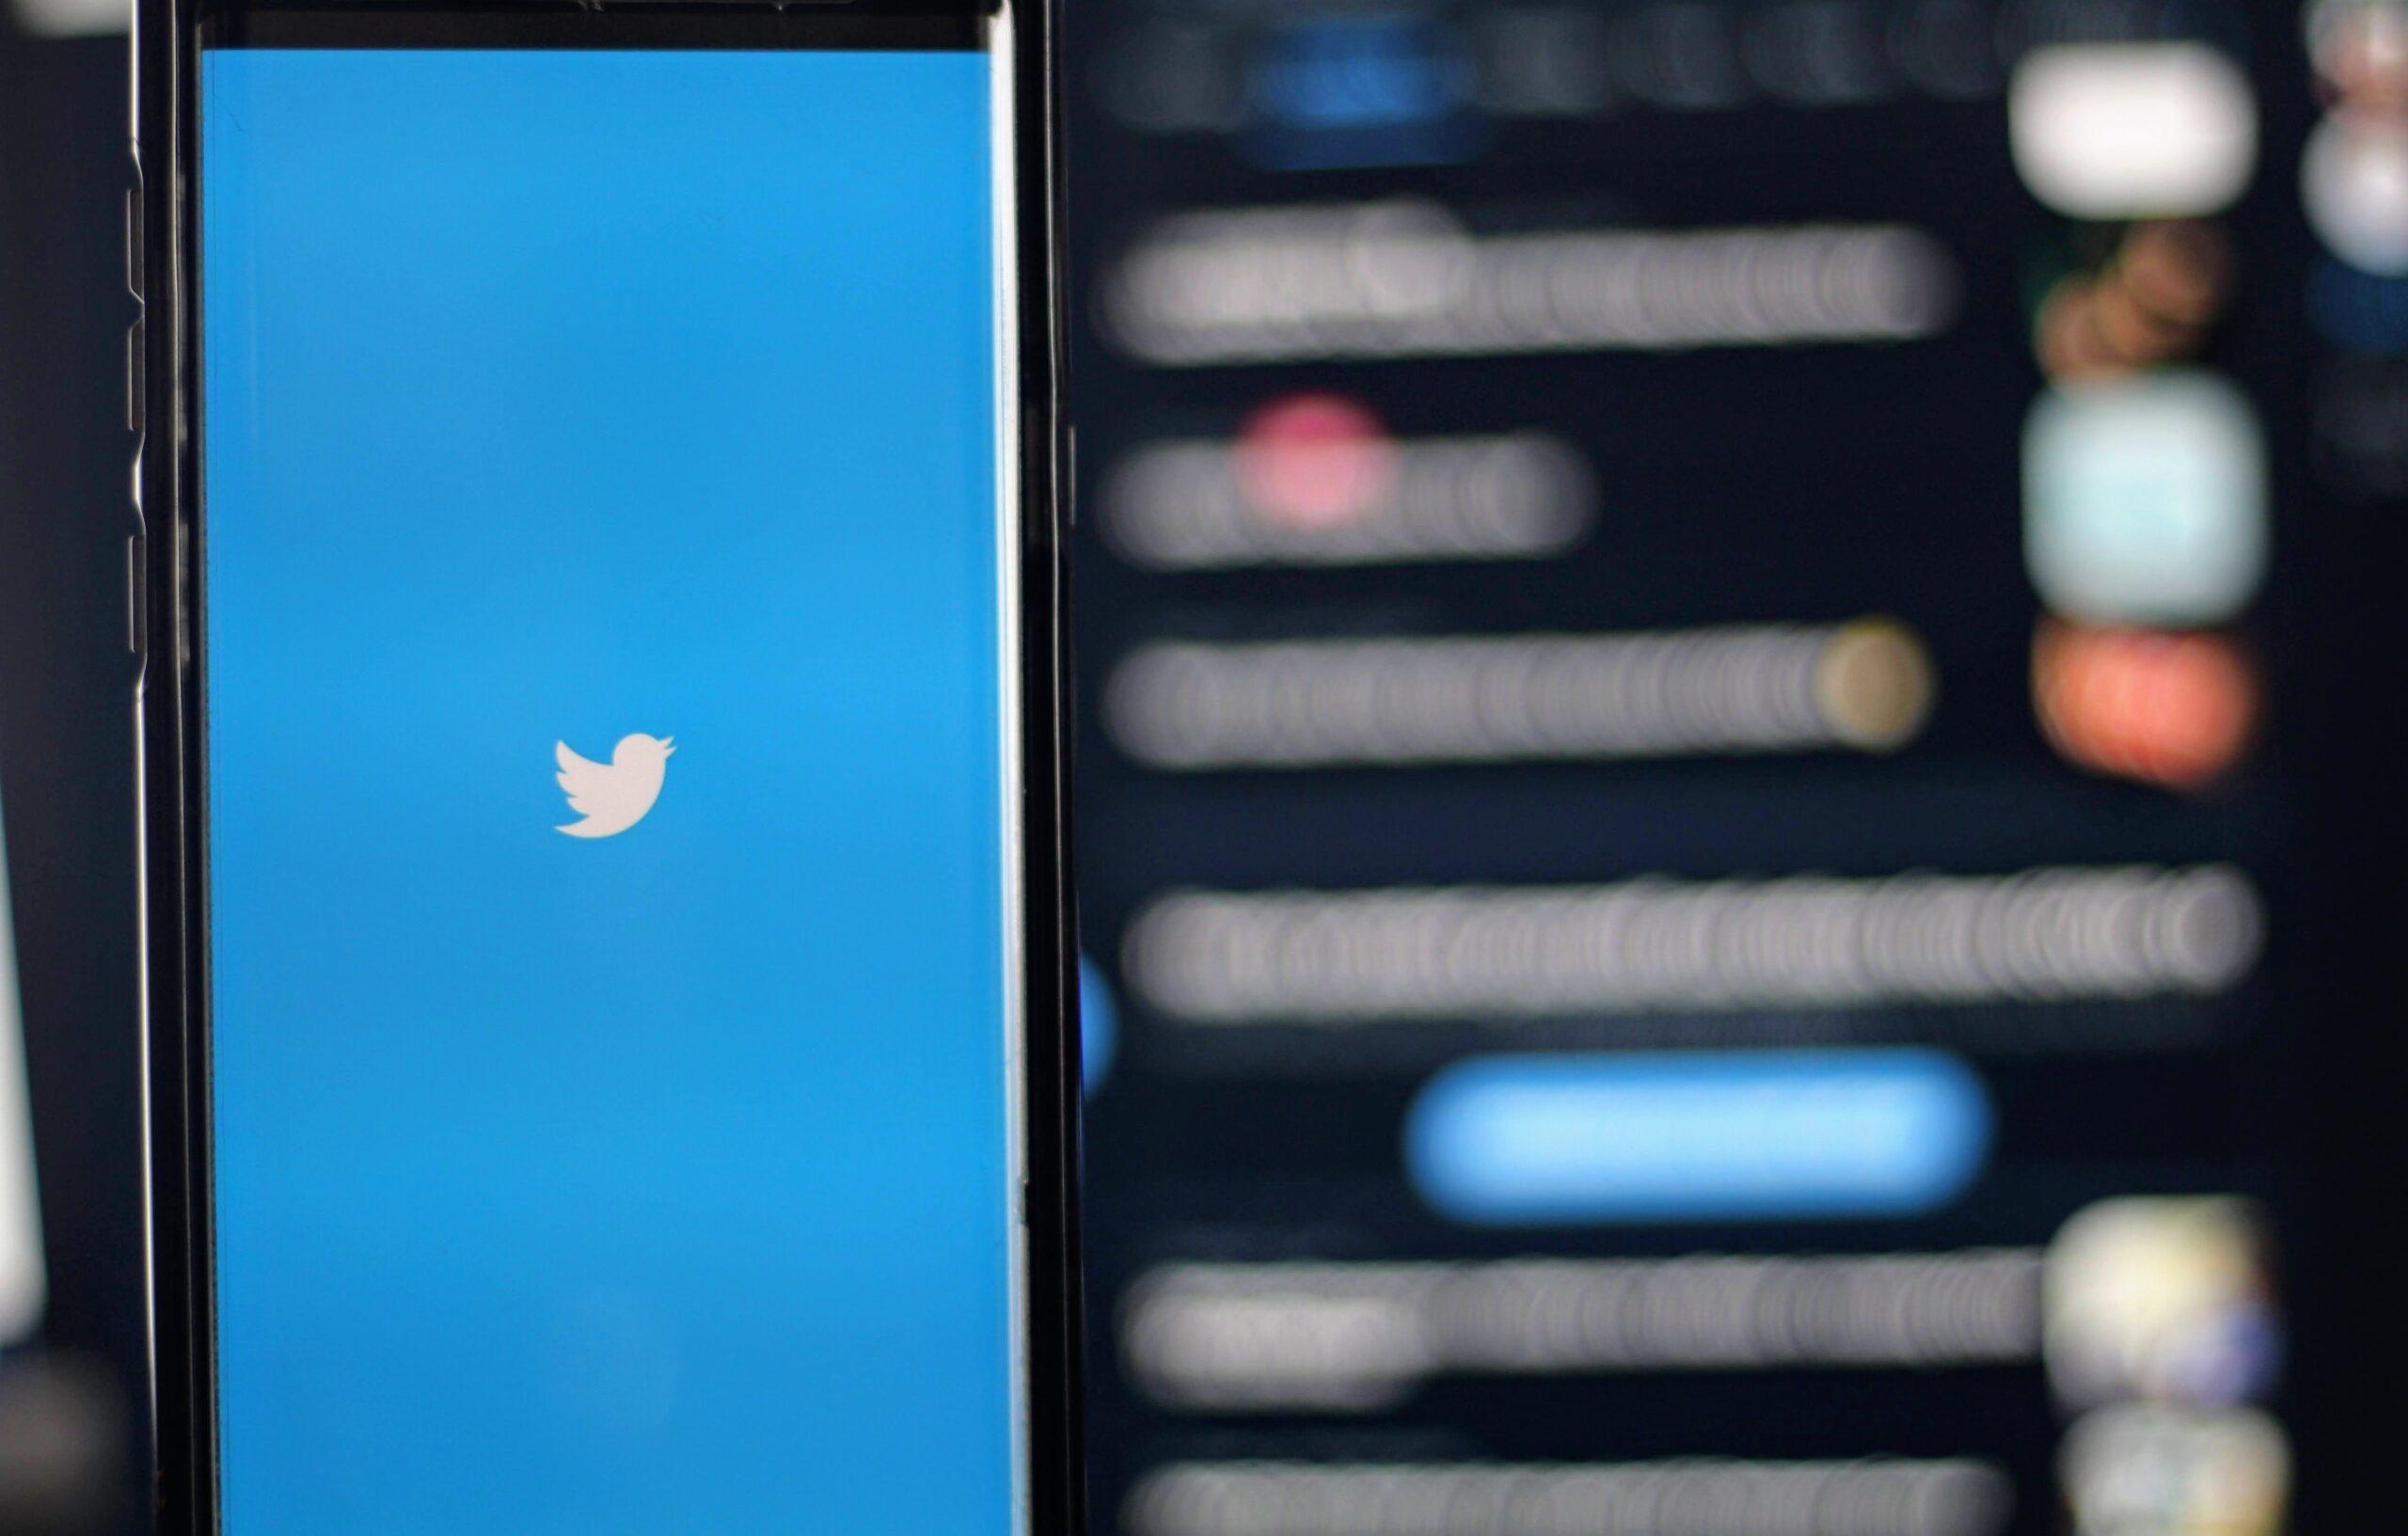 Zsidó aktivisták kérték számon a Twitteren a megtűrt antiszemitizmust